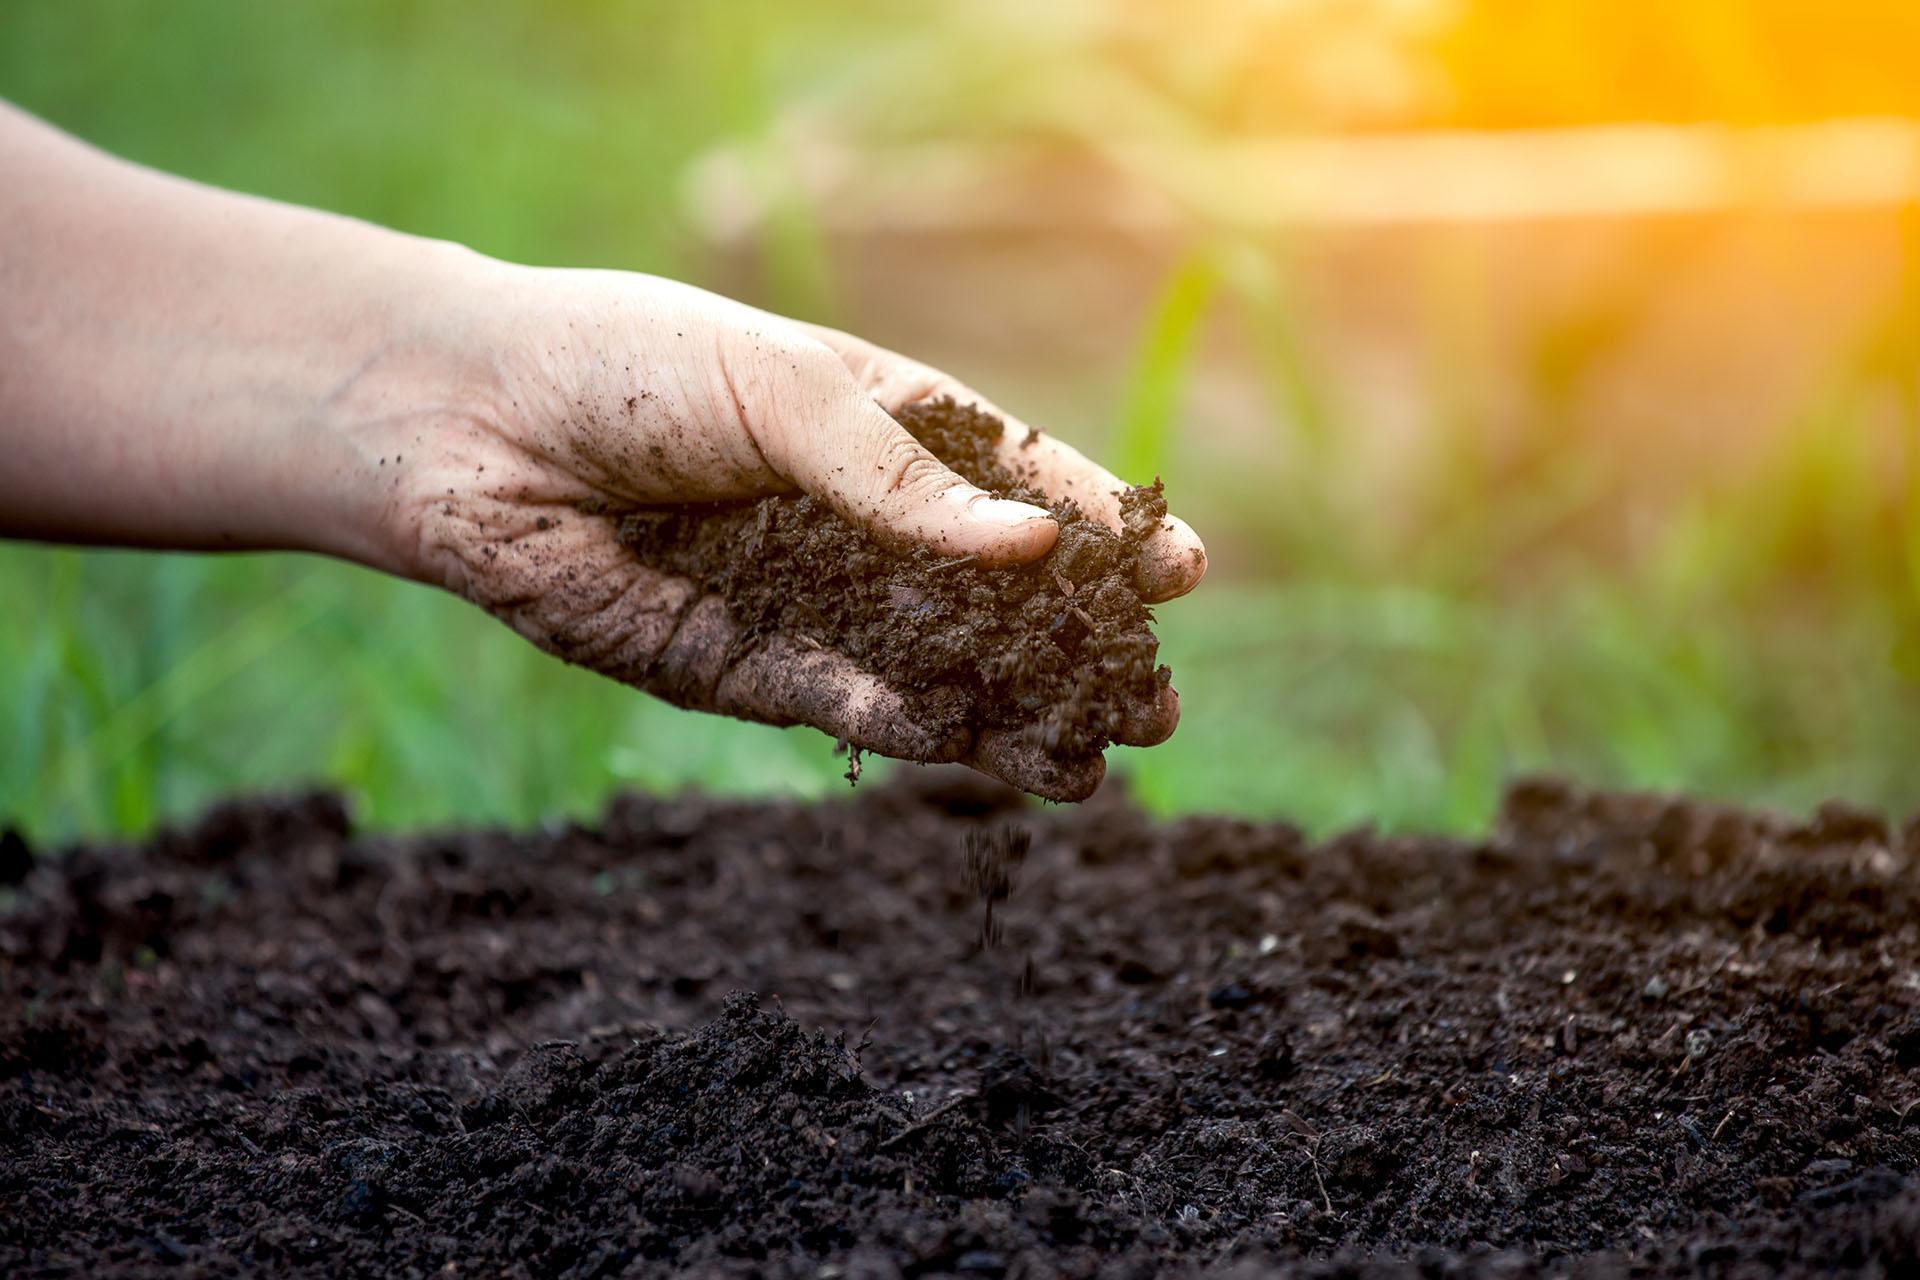 Знай свою землю: как узнать тип почвы и зачем это нужно?